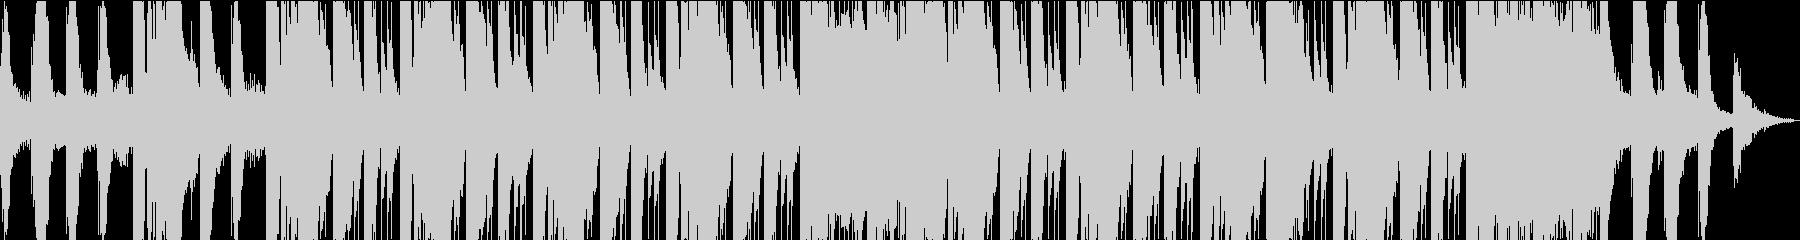 神秘的なピアノ主体のエレクトロニカの未再生の波形